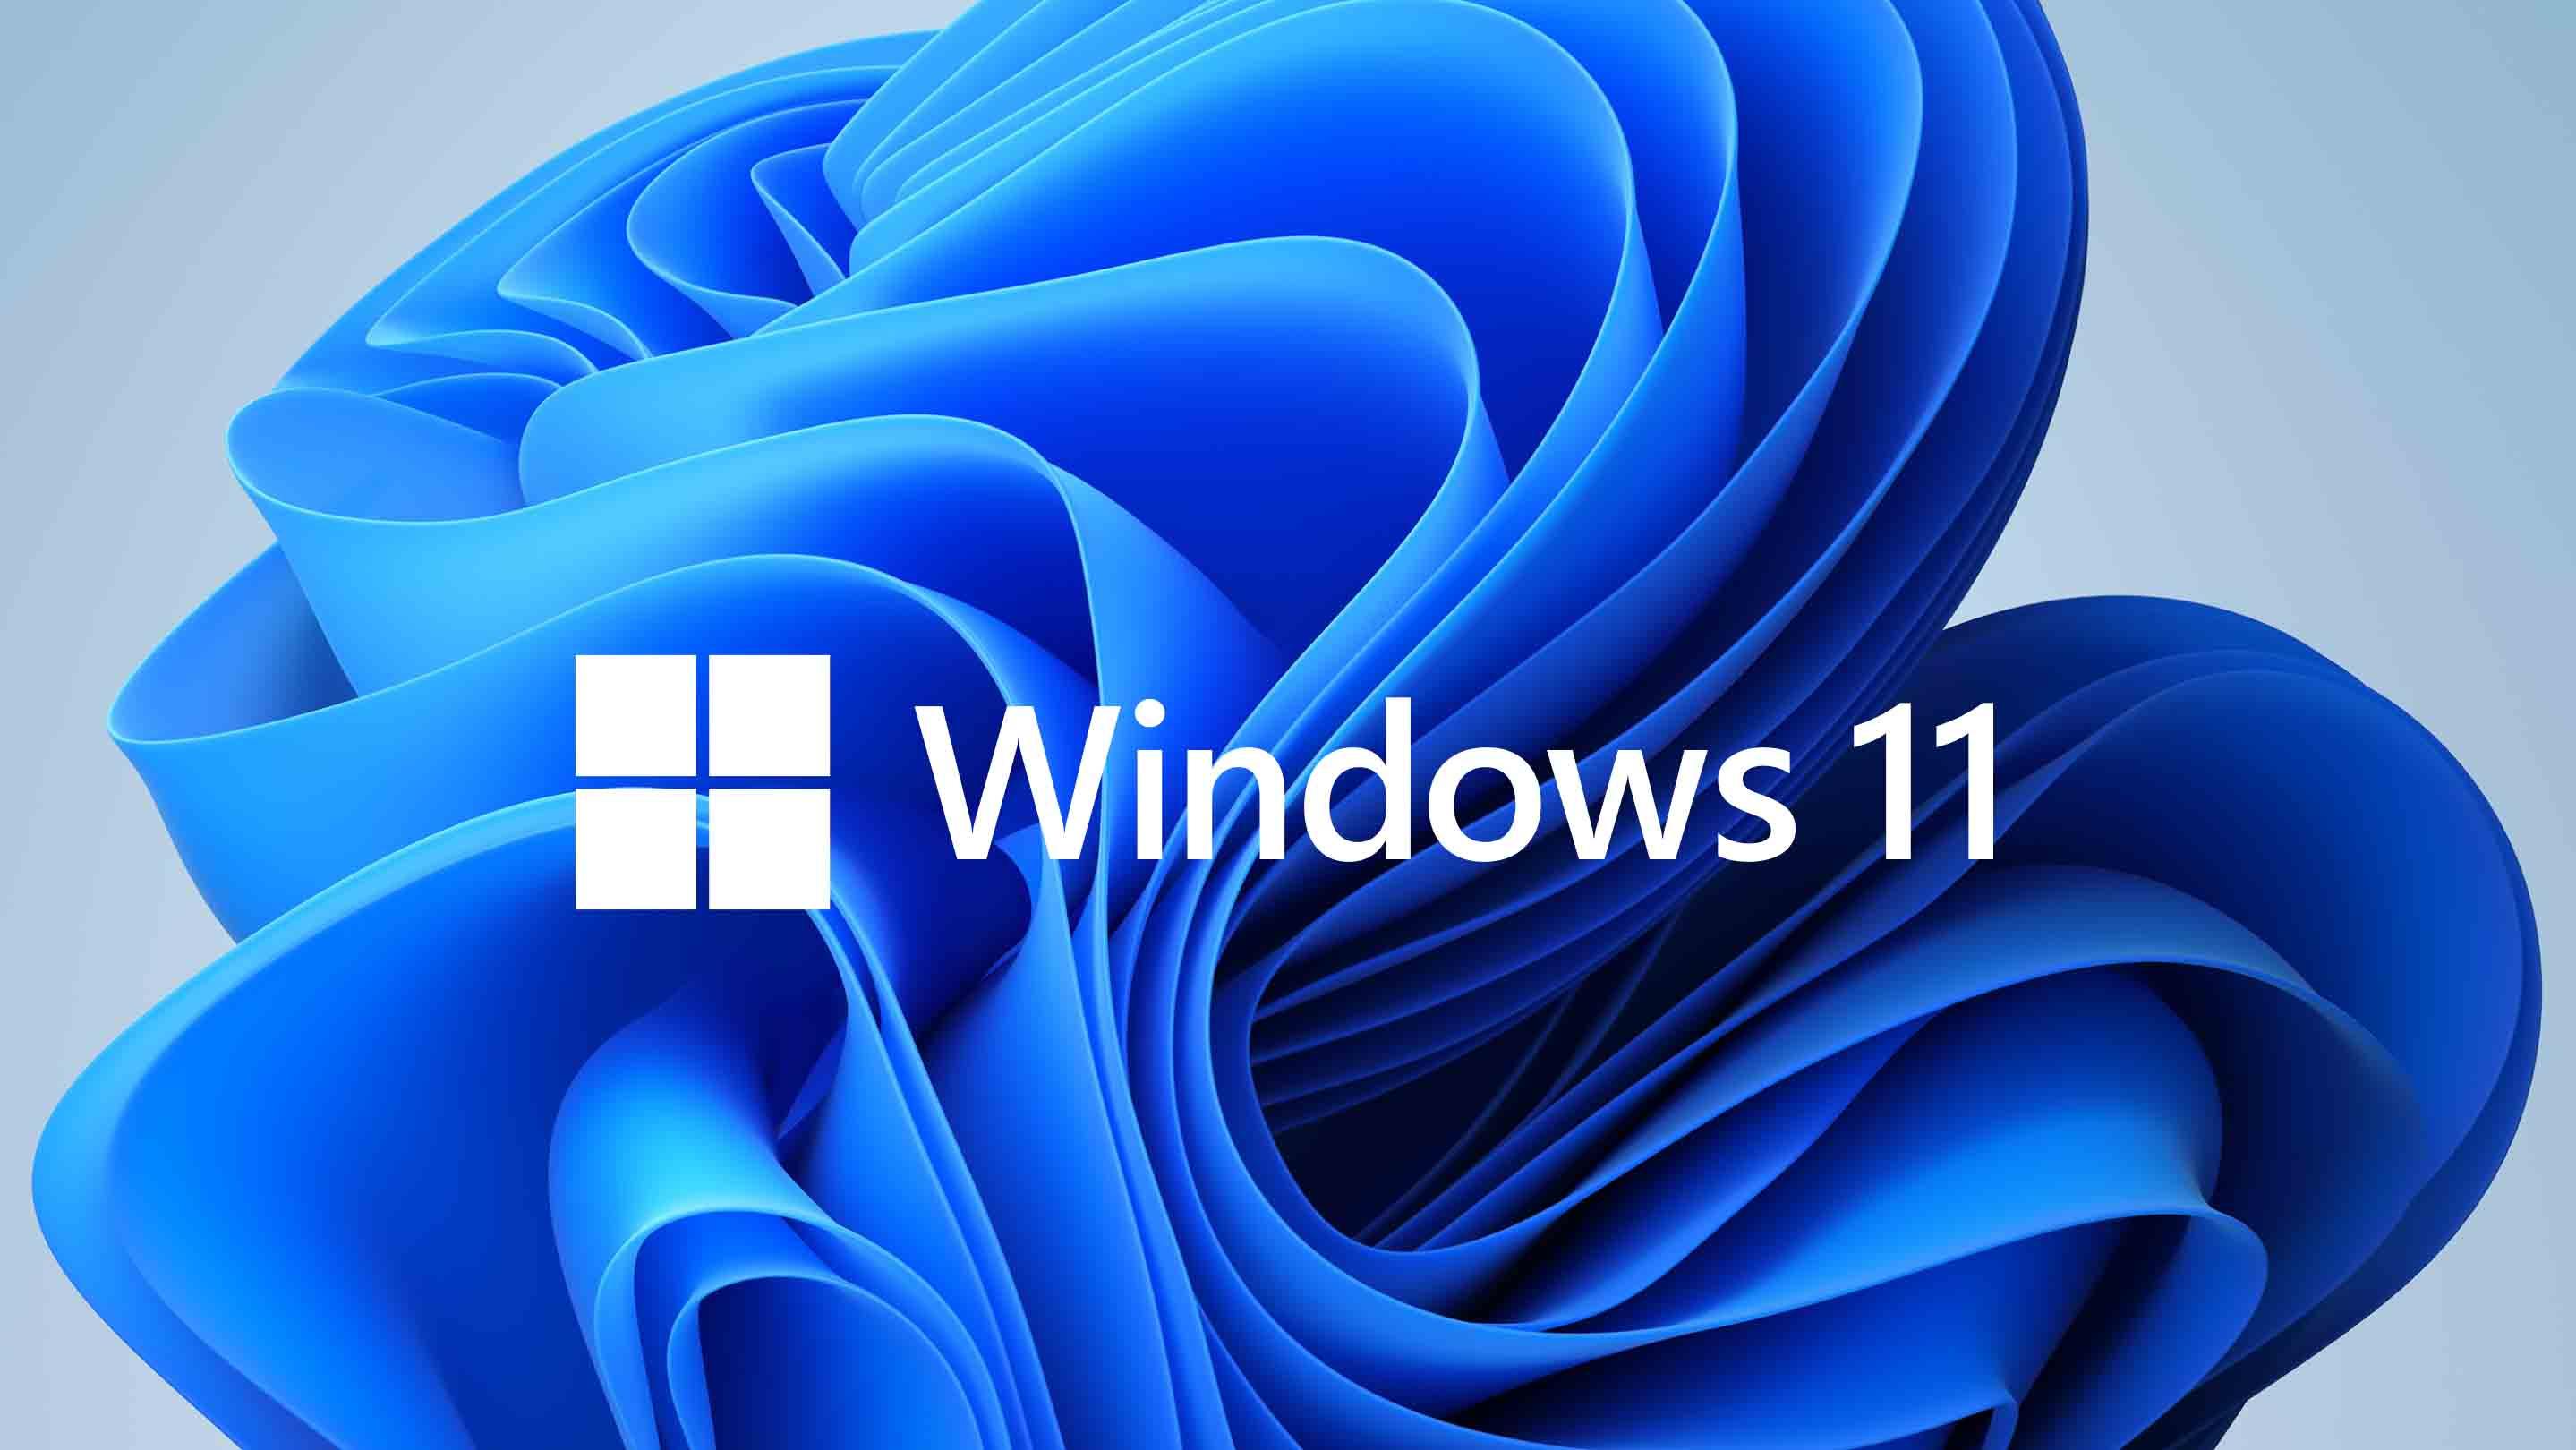 Op 5 oktober wordt Windows 11 gelanceerd